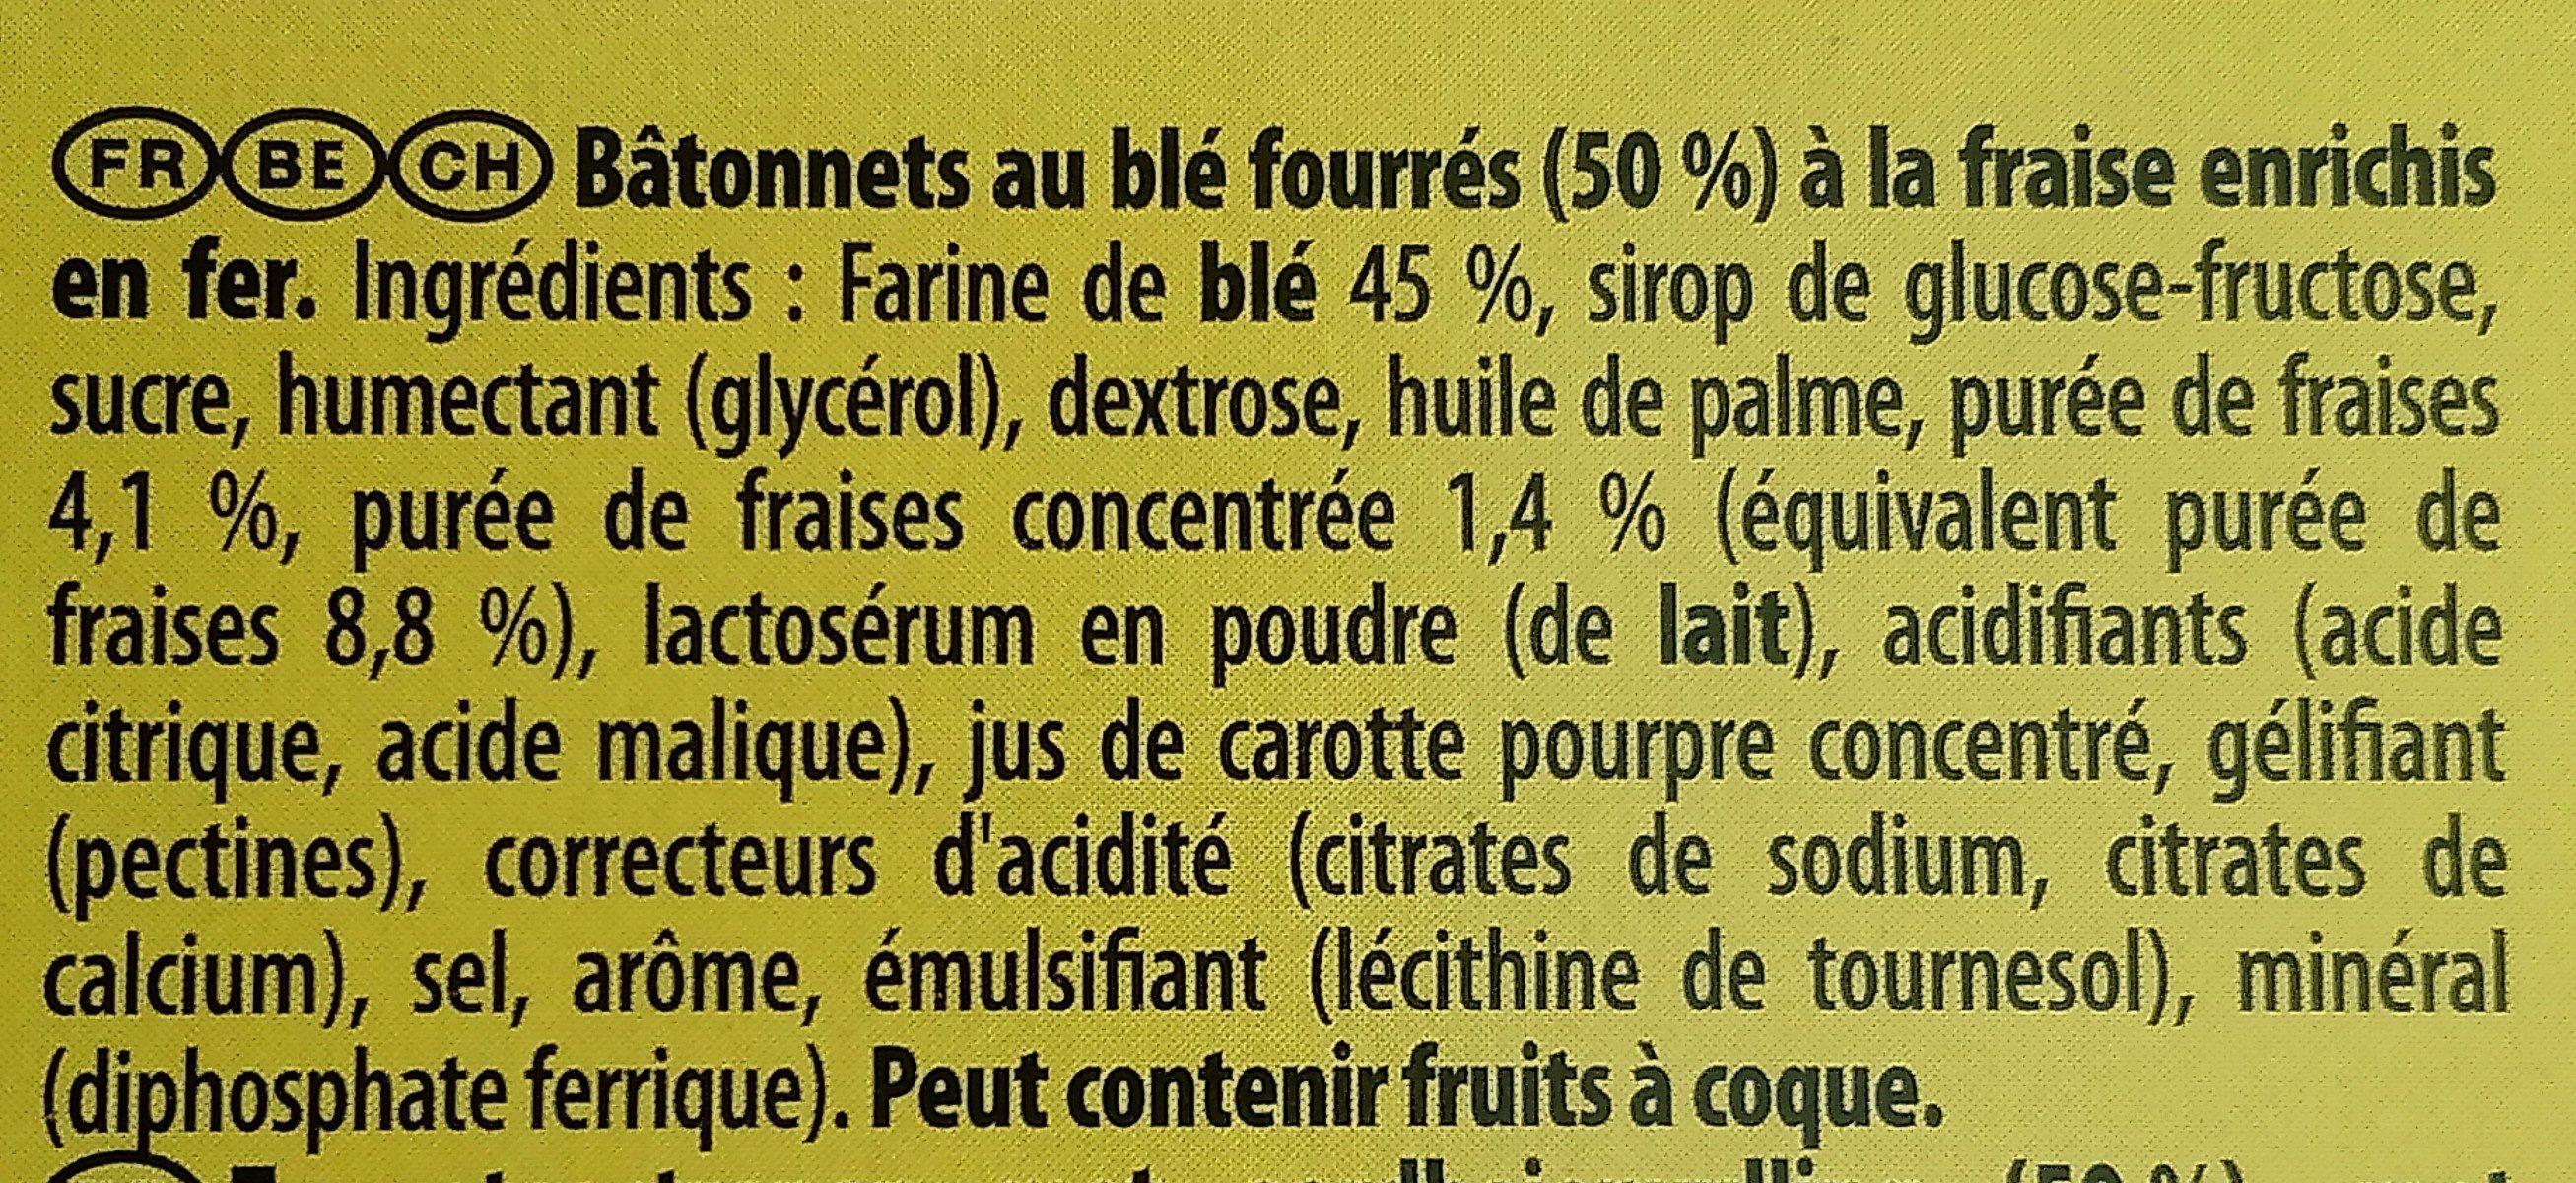 Cracotte Fraise - Ingrediënten